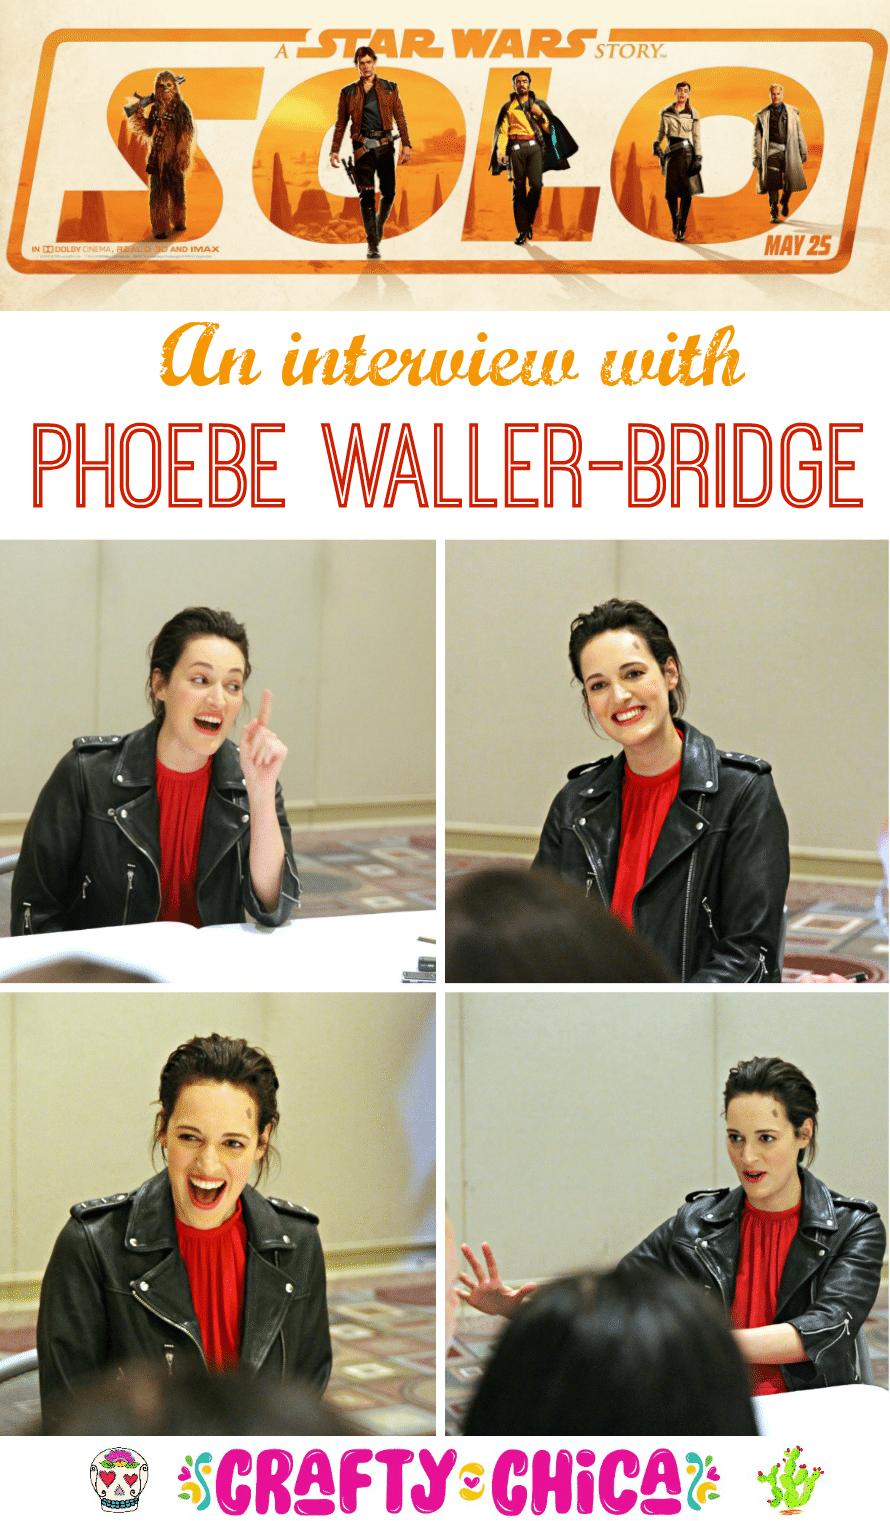 Phoebe Waller-Bridge interview